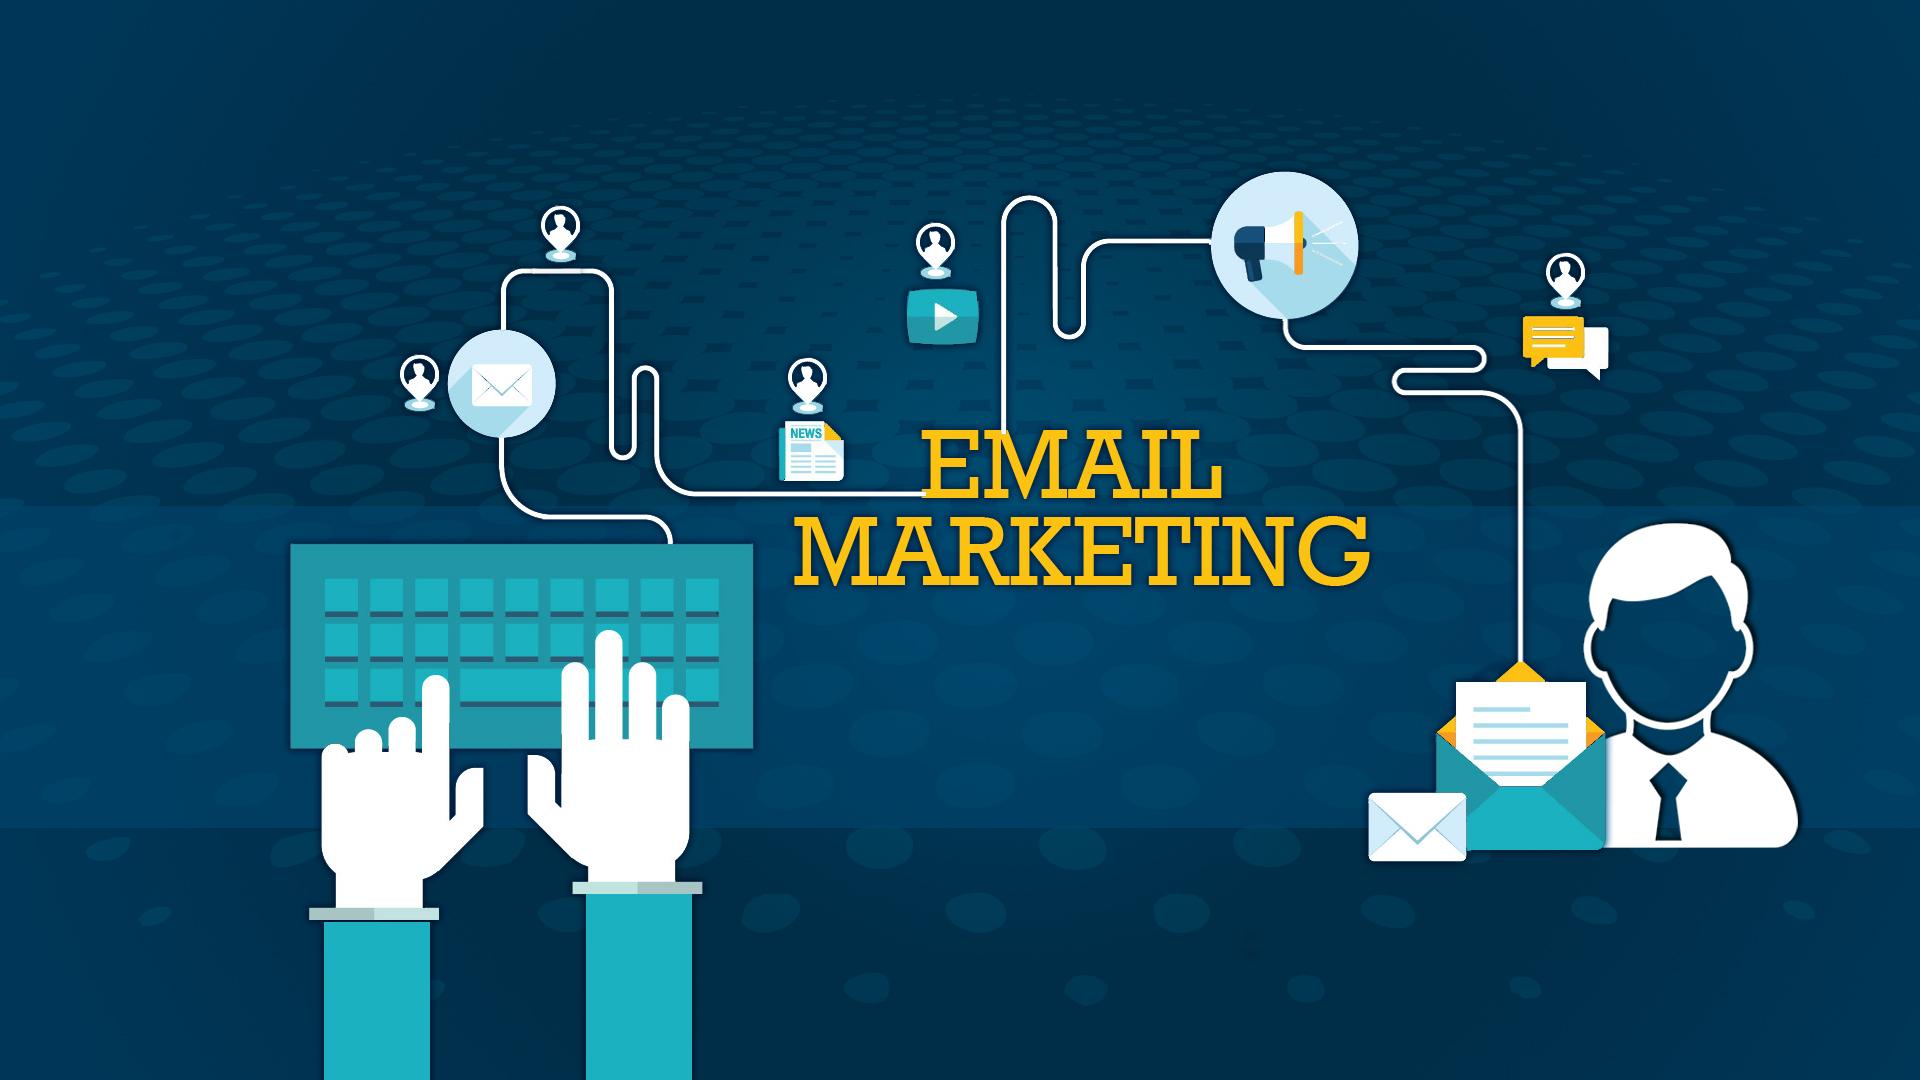 la-mejor-campana-para-tu-negocio-sigue-siendo-el-email-marketing-y-en-el-2020…mas-todavia¡¡